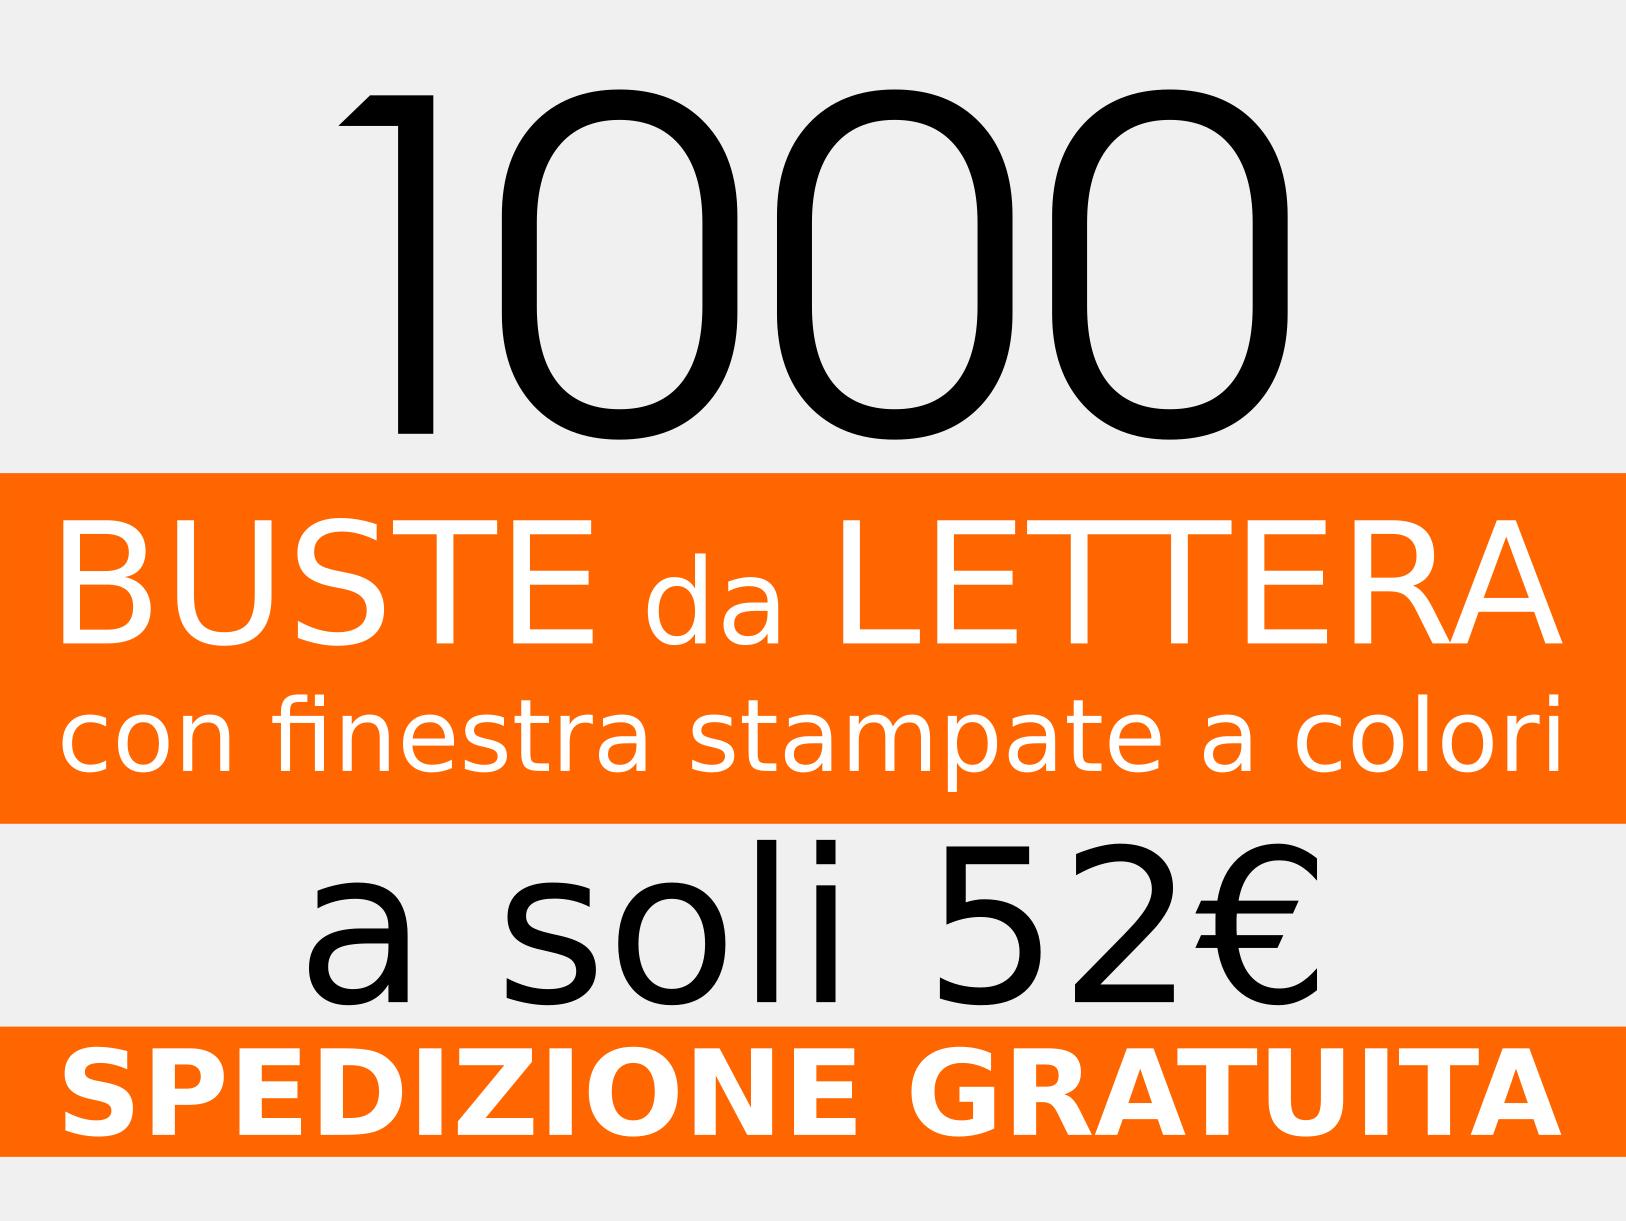 1000-buste-da-lettera-con-finestra